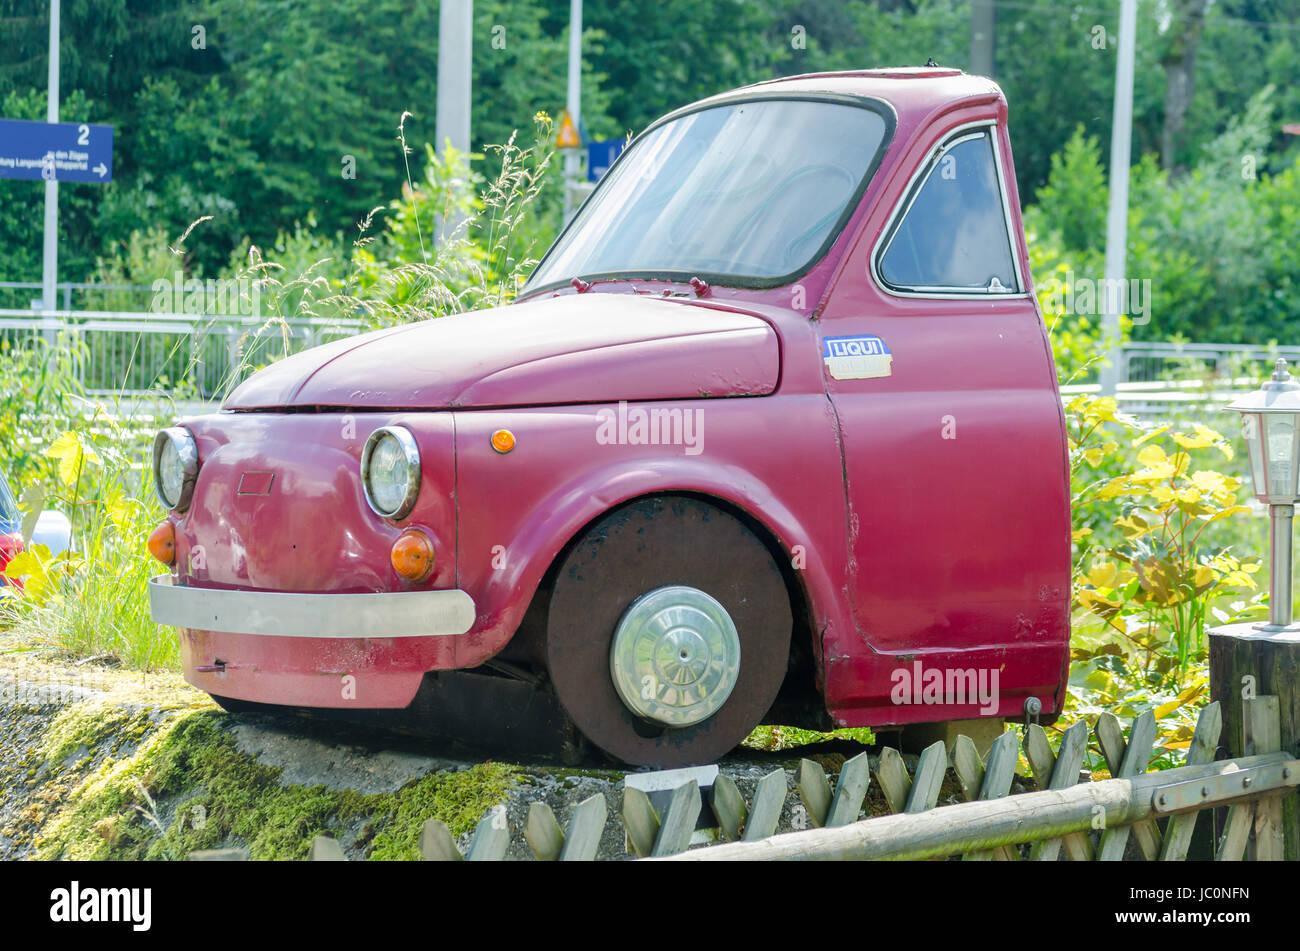 Essen,Germany - 13. Juni 2014:Halber roter Fiat 500 als Freisteller vor weißen Hintergrund.Halbes Auto hinter den Stock Photo